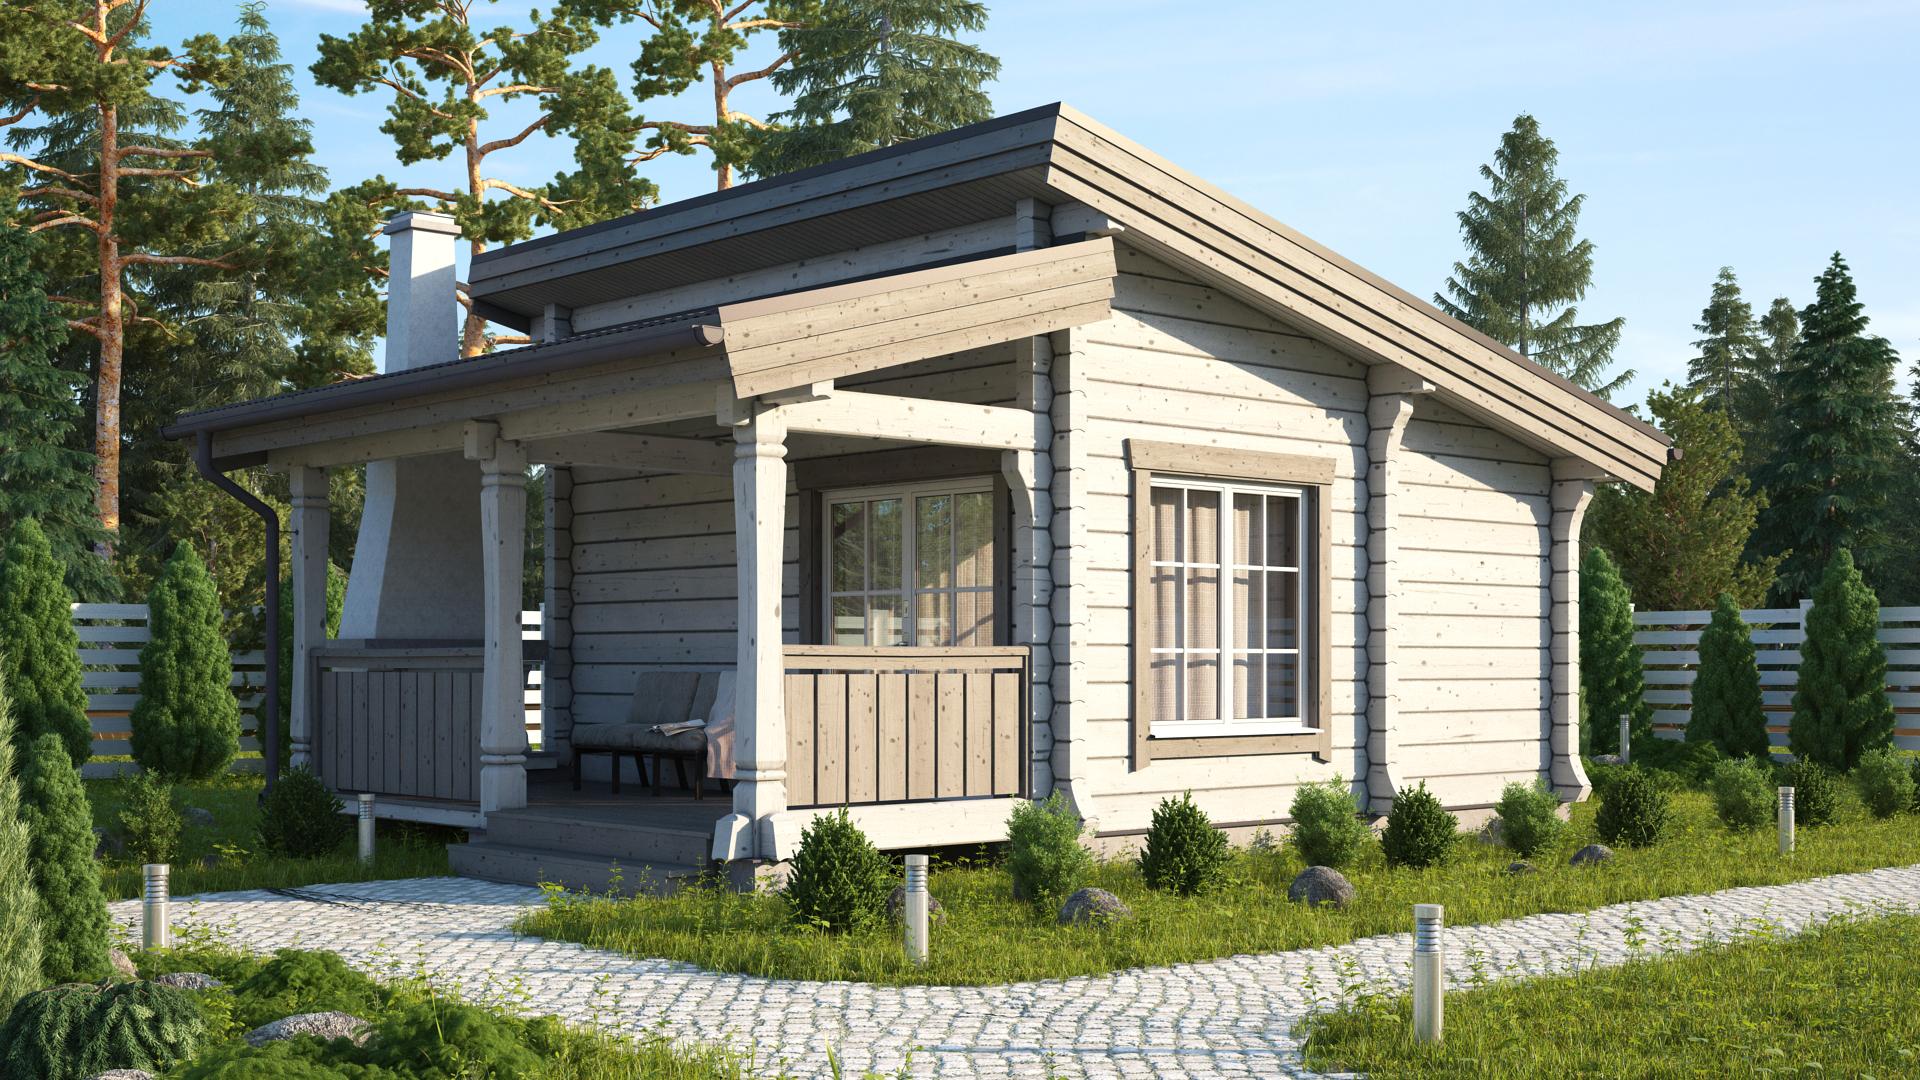 Виды крыш бань: с плоской крышей и другие, фото разновидностей, совмещения - с хозблоком и туалетом вместе, с домом, гаражом, верандой